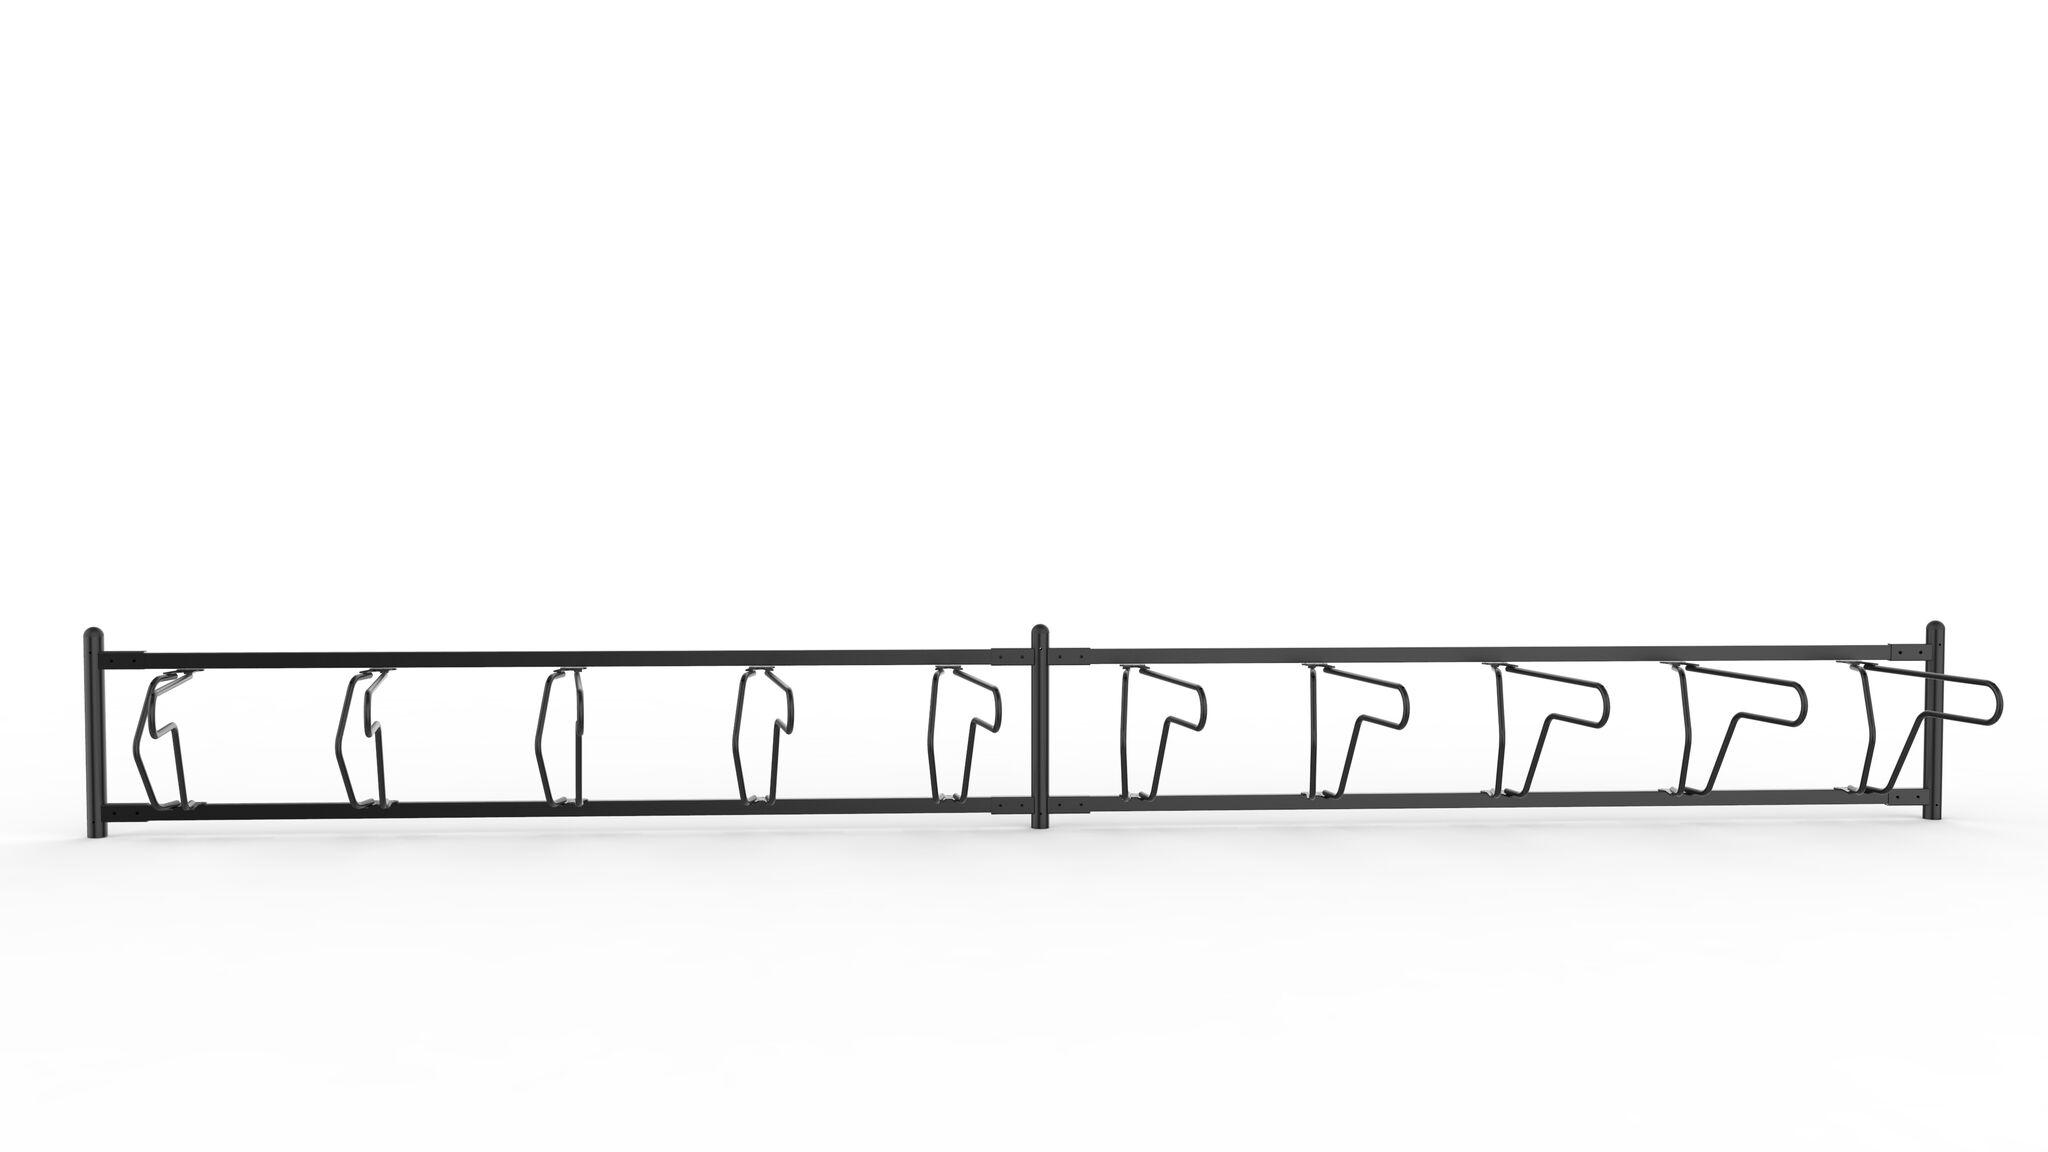 Delta runkolukitusteline, yksipuolinen pyöräteline edestä ja kahdella jaksolla, valkoinen pohja